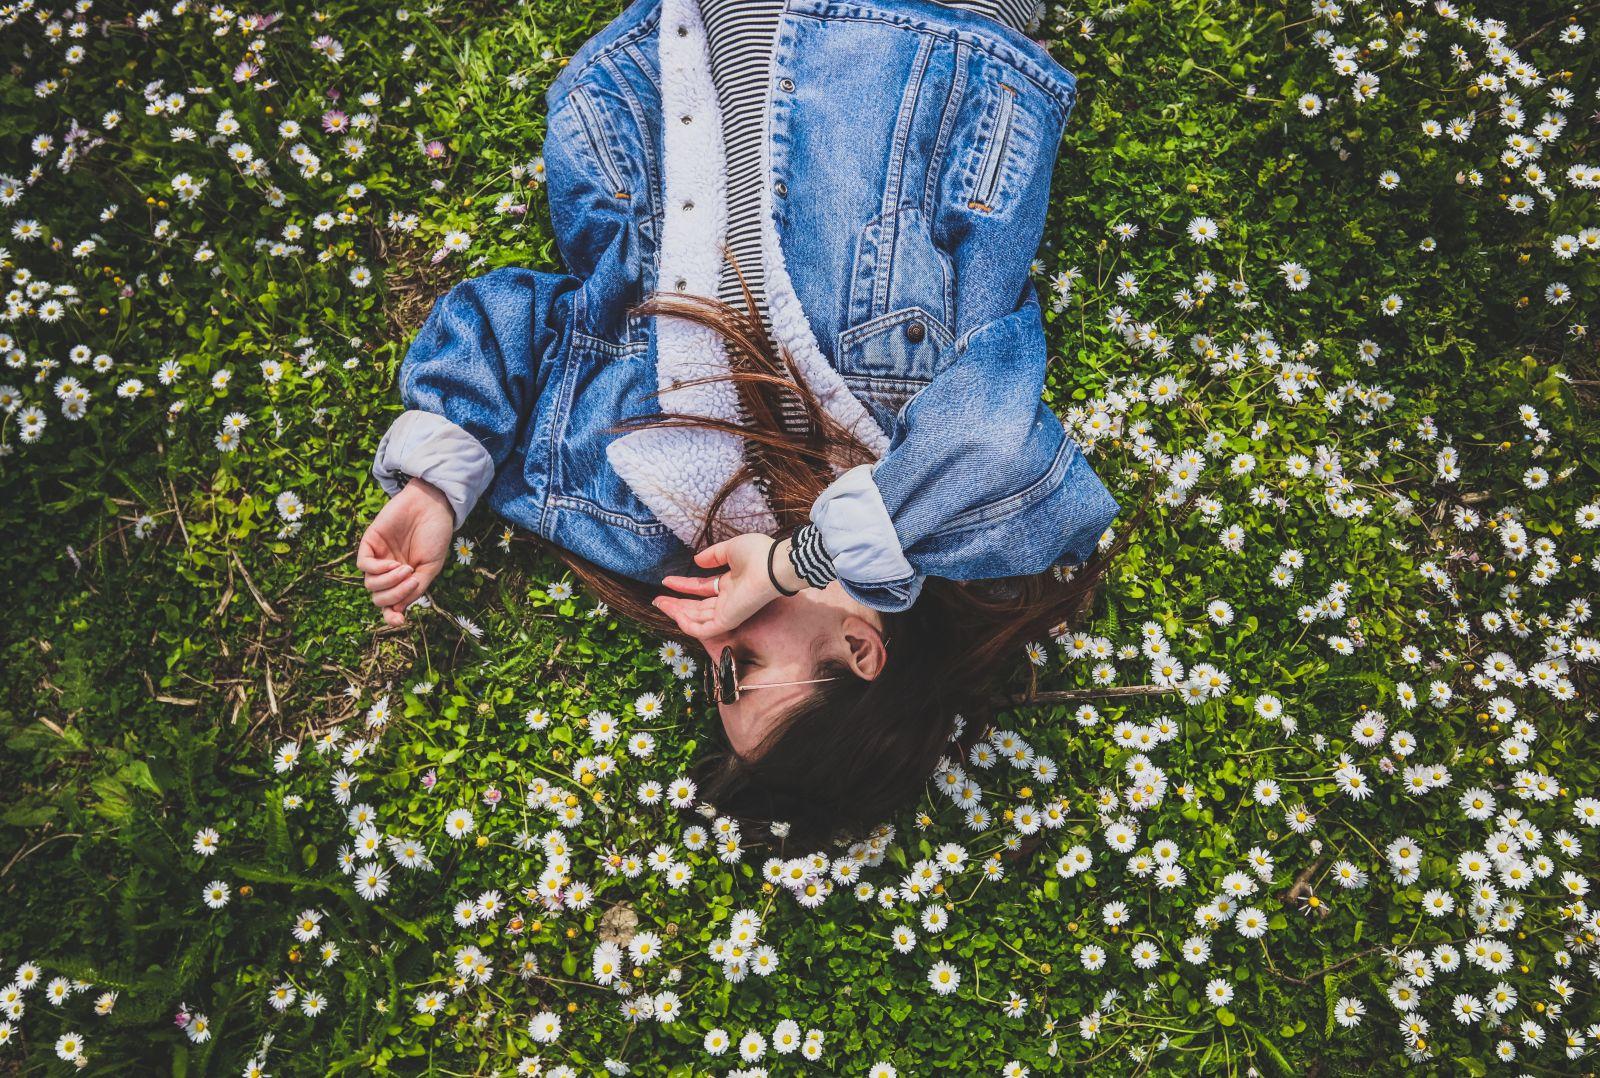 Junge Frau trägt eine gefütterte Jeansjacke und liegt im grünen Gras voller Gänseblümchen